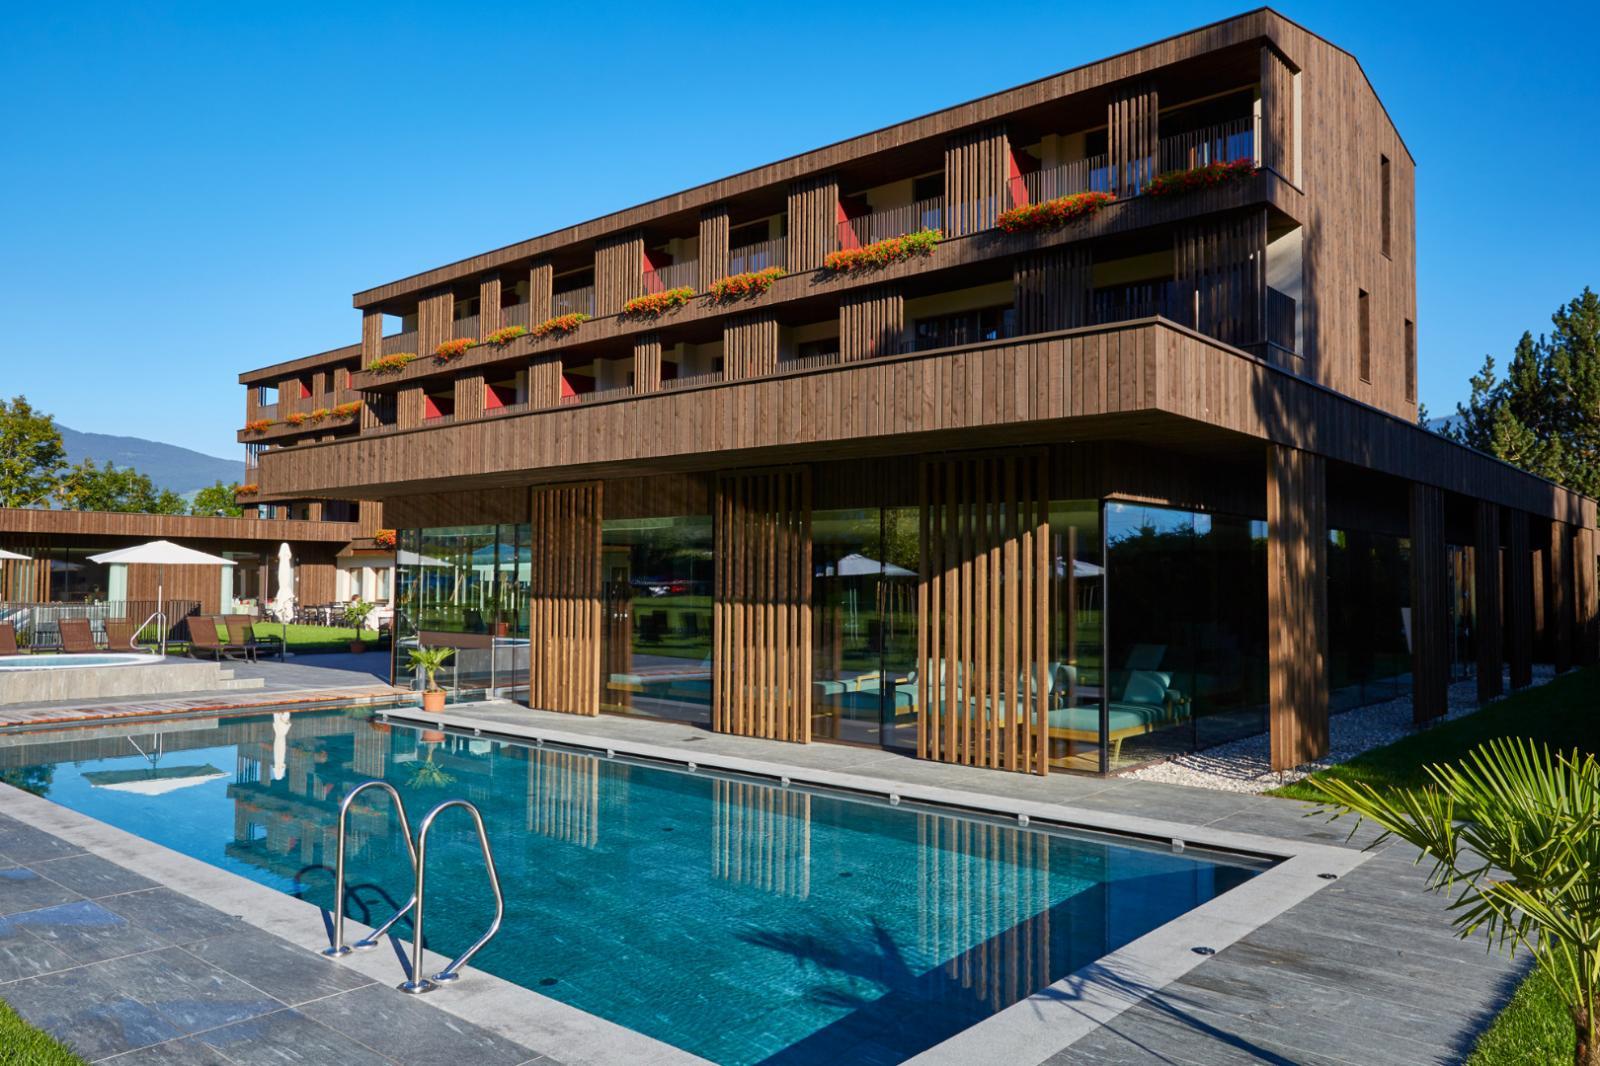 Rubners hotel rudolf bruneck reischach hotelbewertung for Modernes wellnesshotel